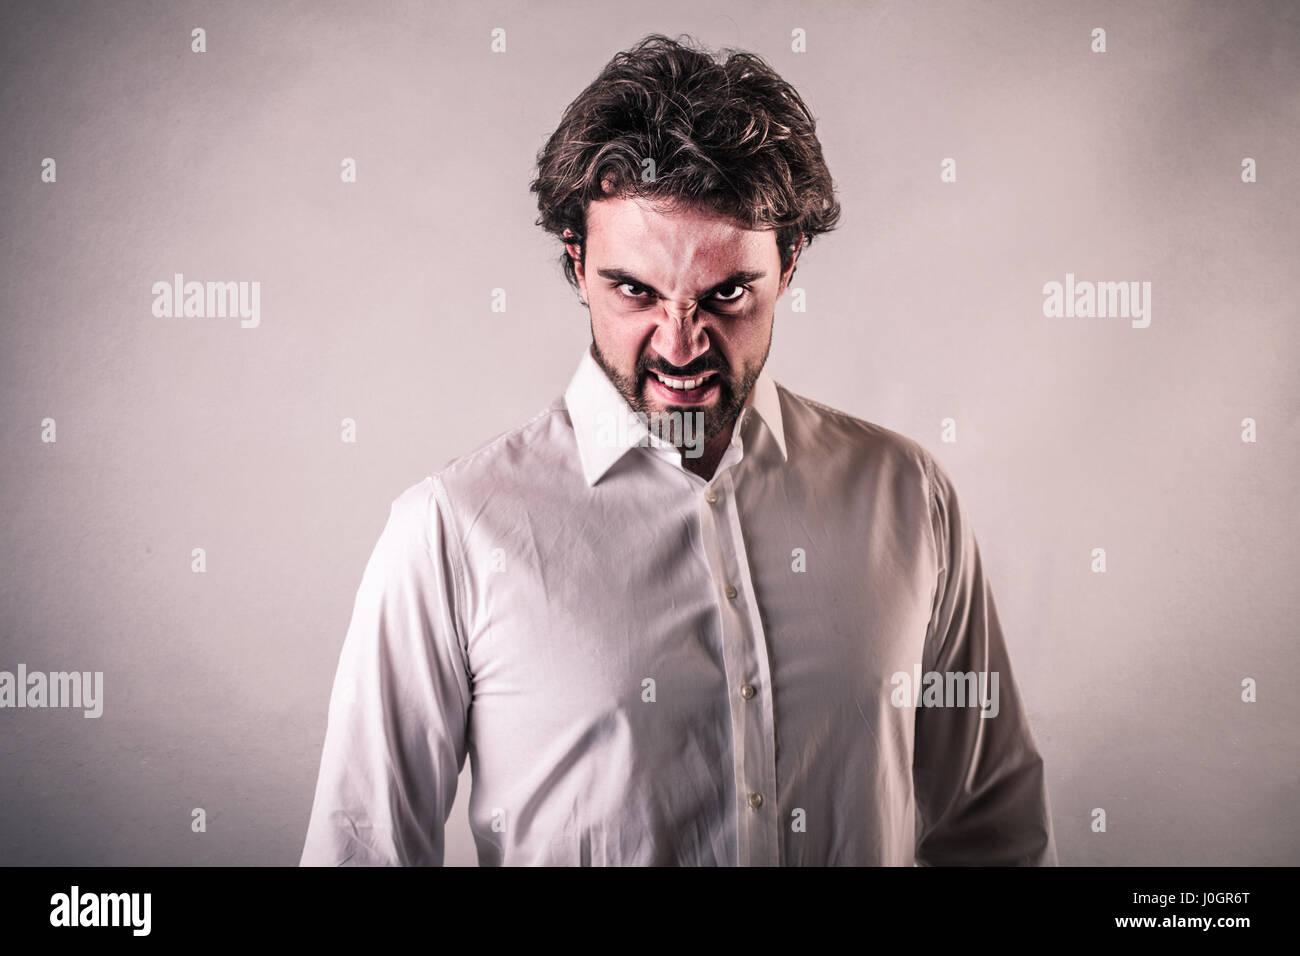 Hombre haciendo mueca Imagen De Stock